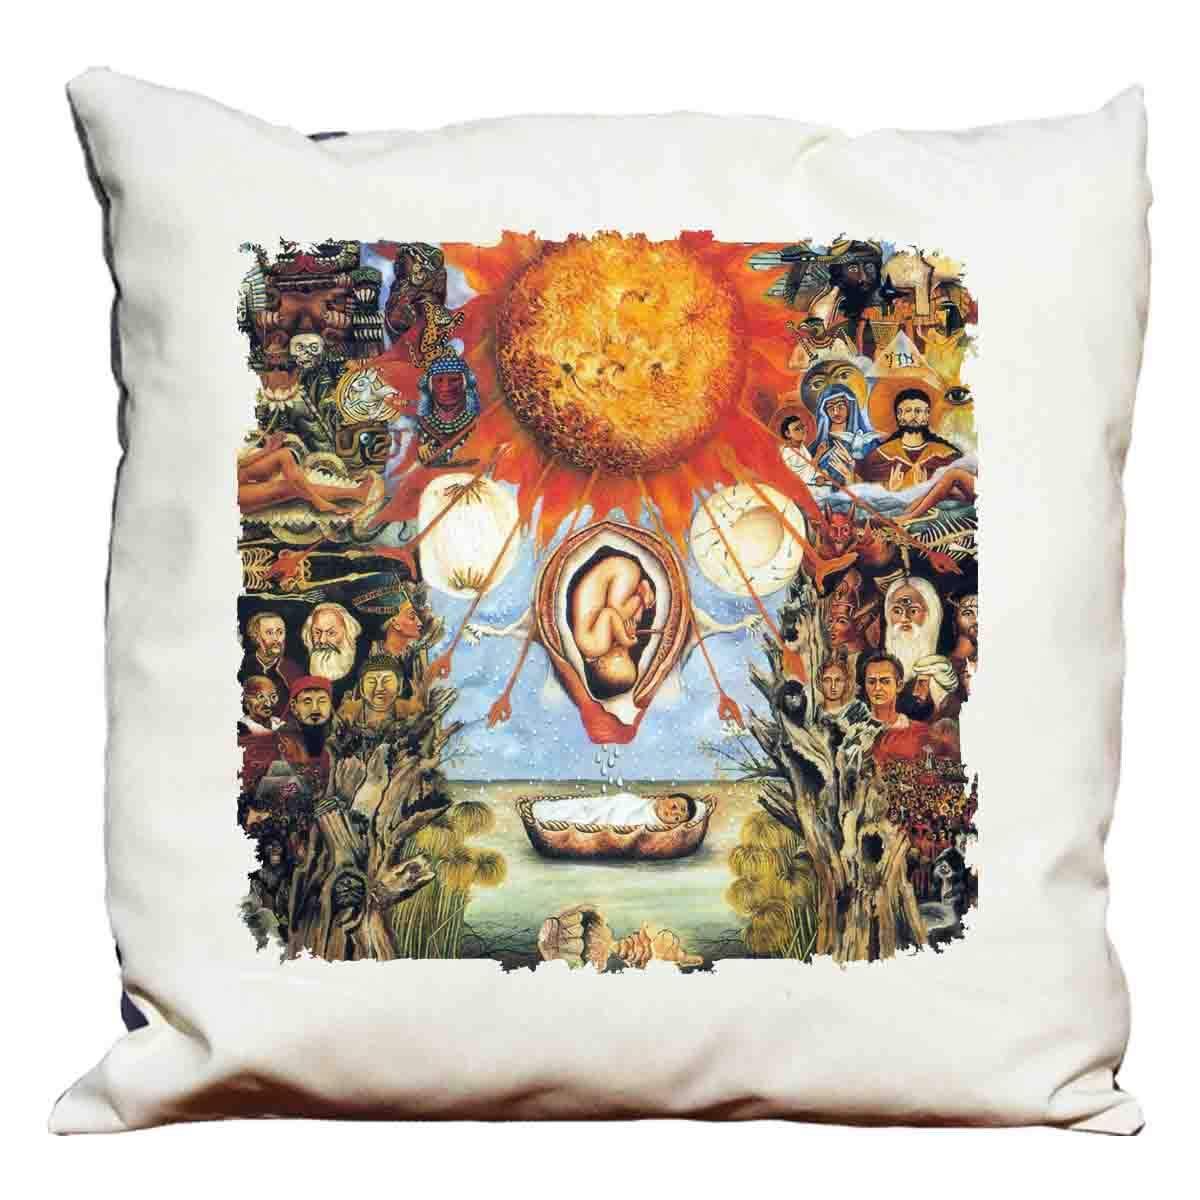 Cojín Frida Kahlo - Mose: Amazon.es: Hogar